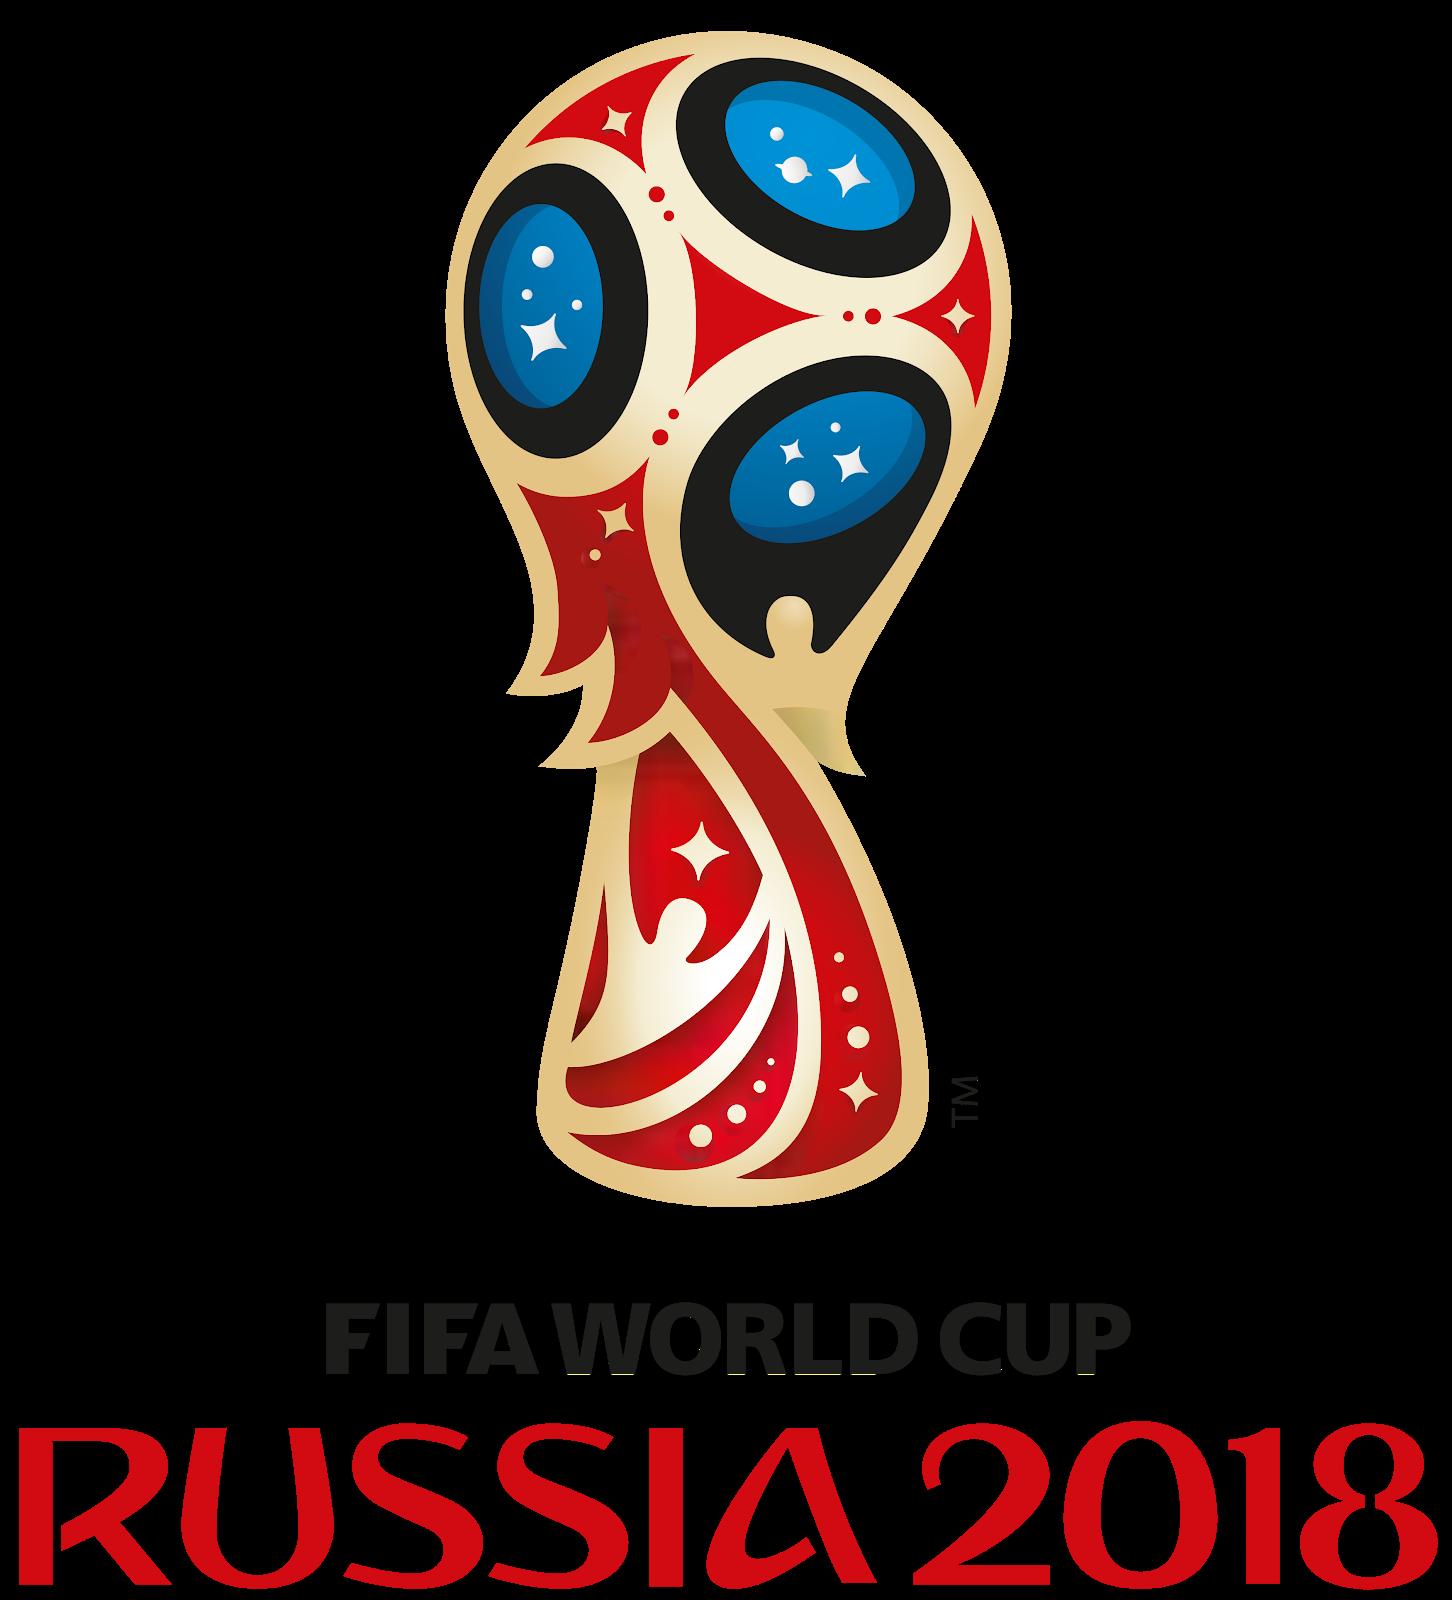 COBERTURA DA COPA DA RUSSIA